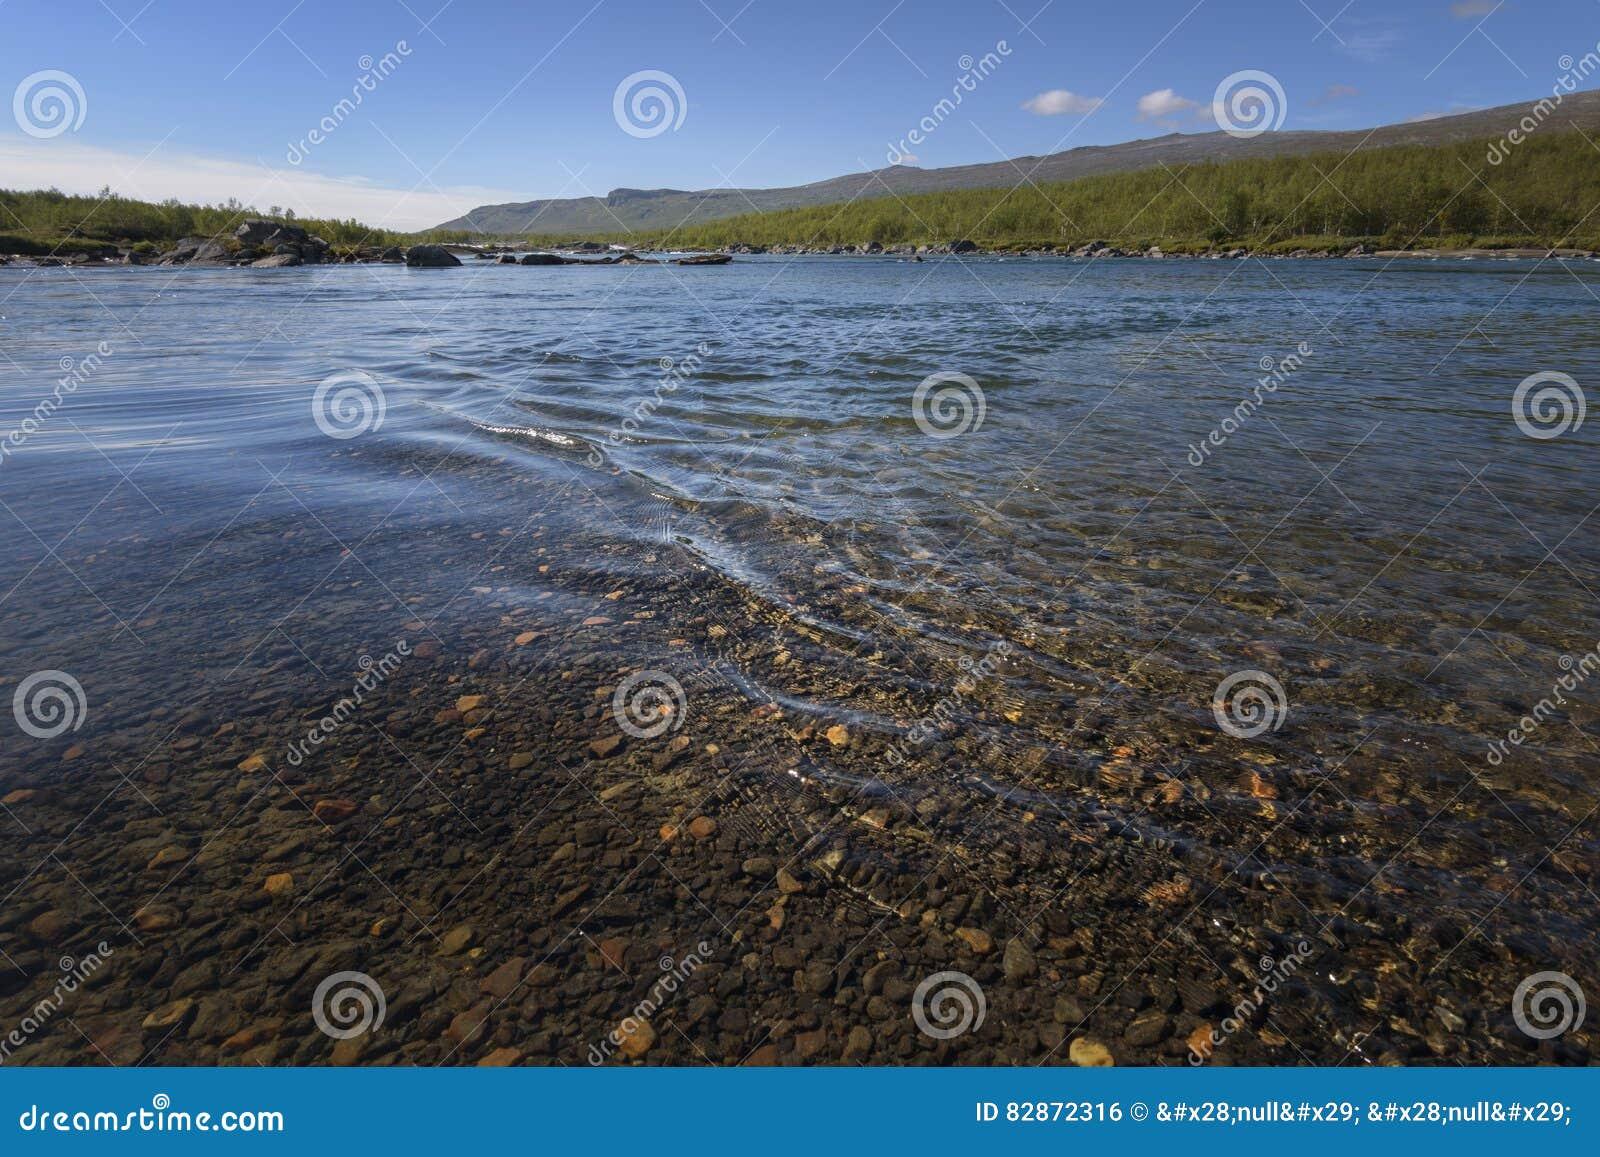 Belles ondulations calmes sur l écoulement de l eau avec les pierres étonnantes du fond de rivière de coloration